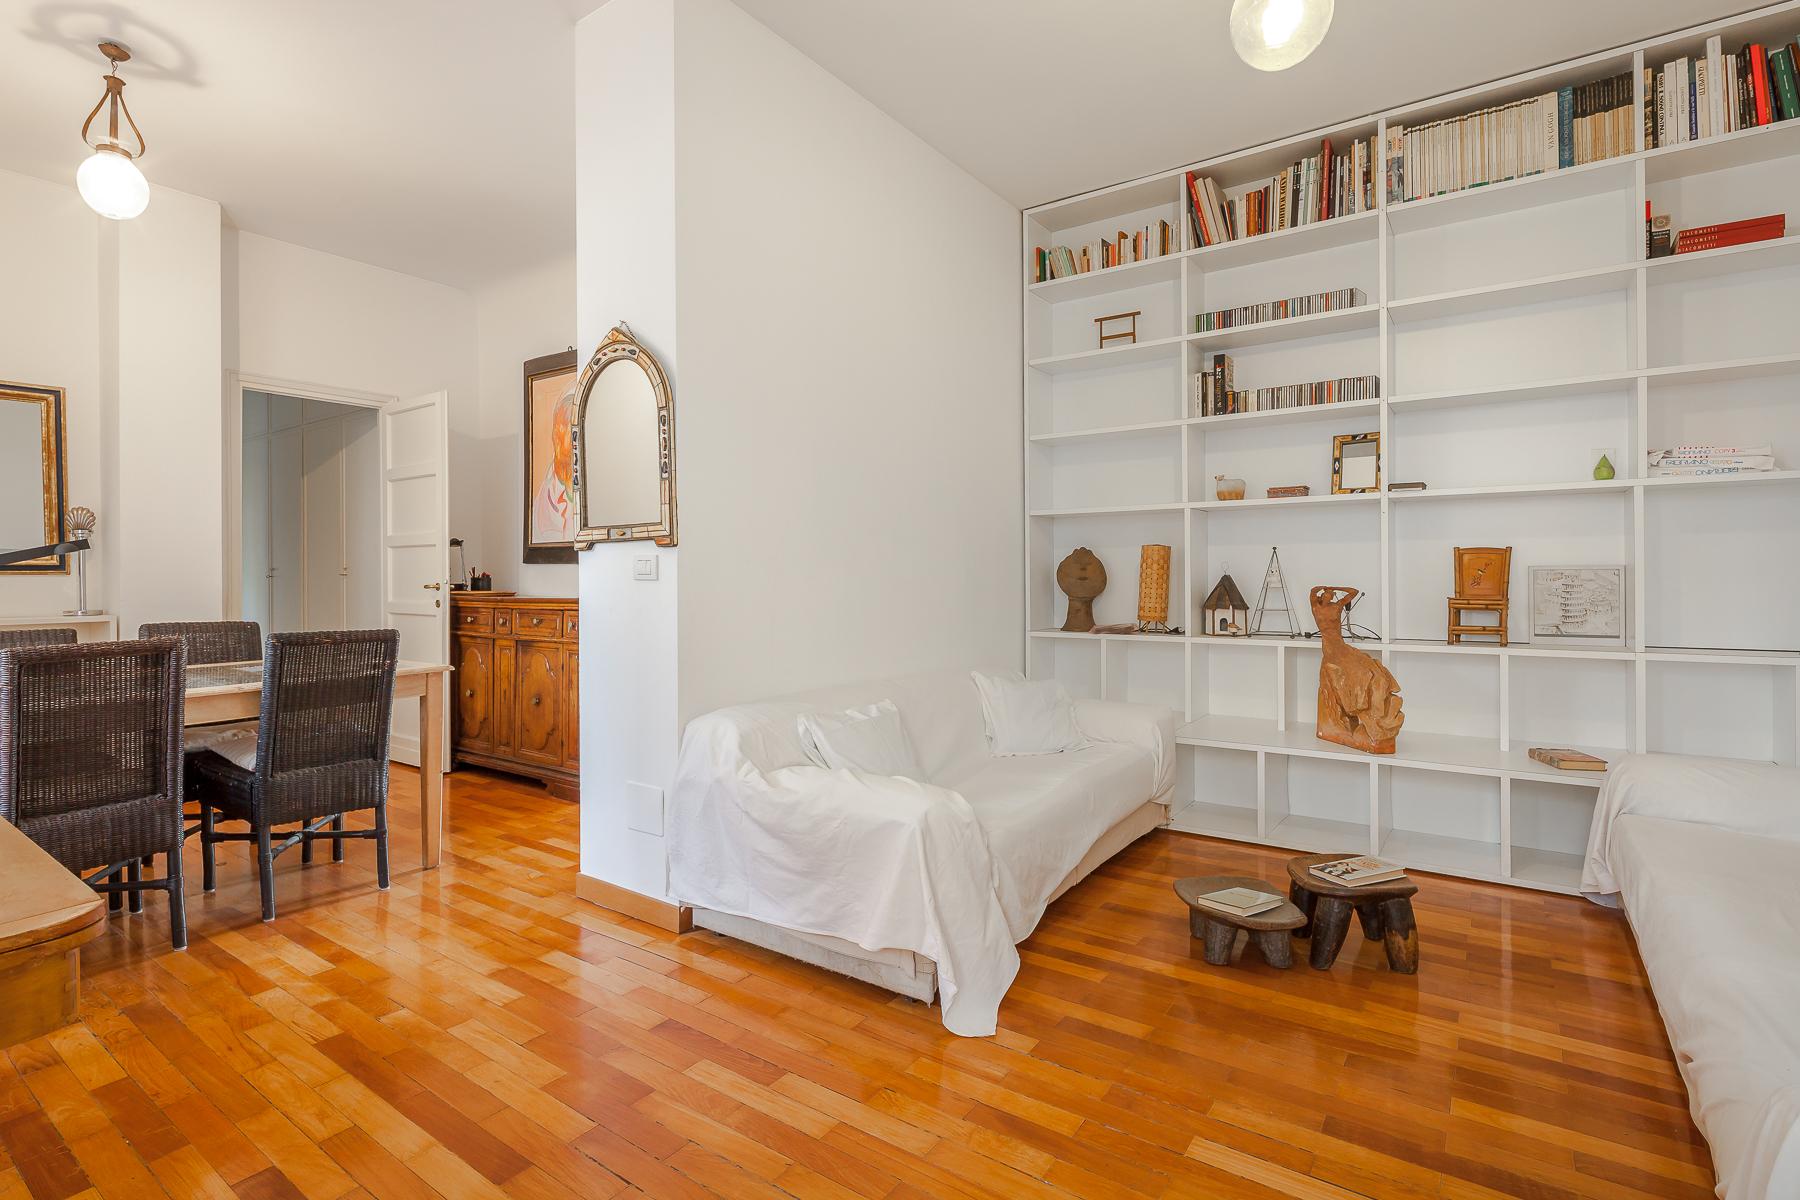 Appartamento in Vendita a Milano 01 Centro storico (Cerchia dei Navigli): 5 locali, 170 mq